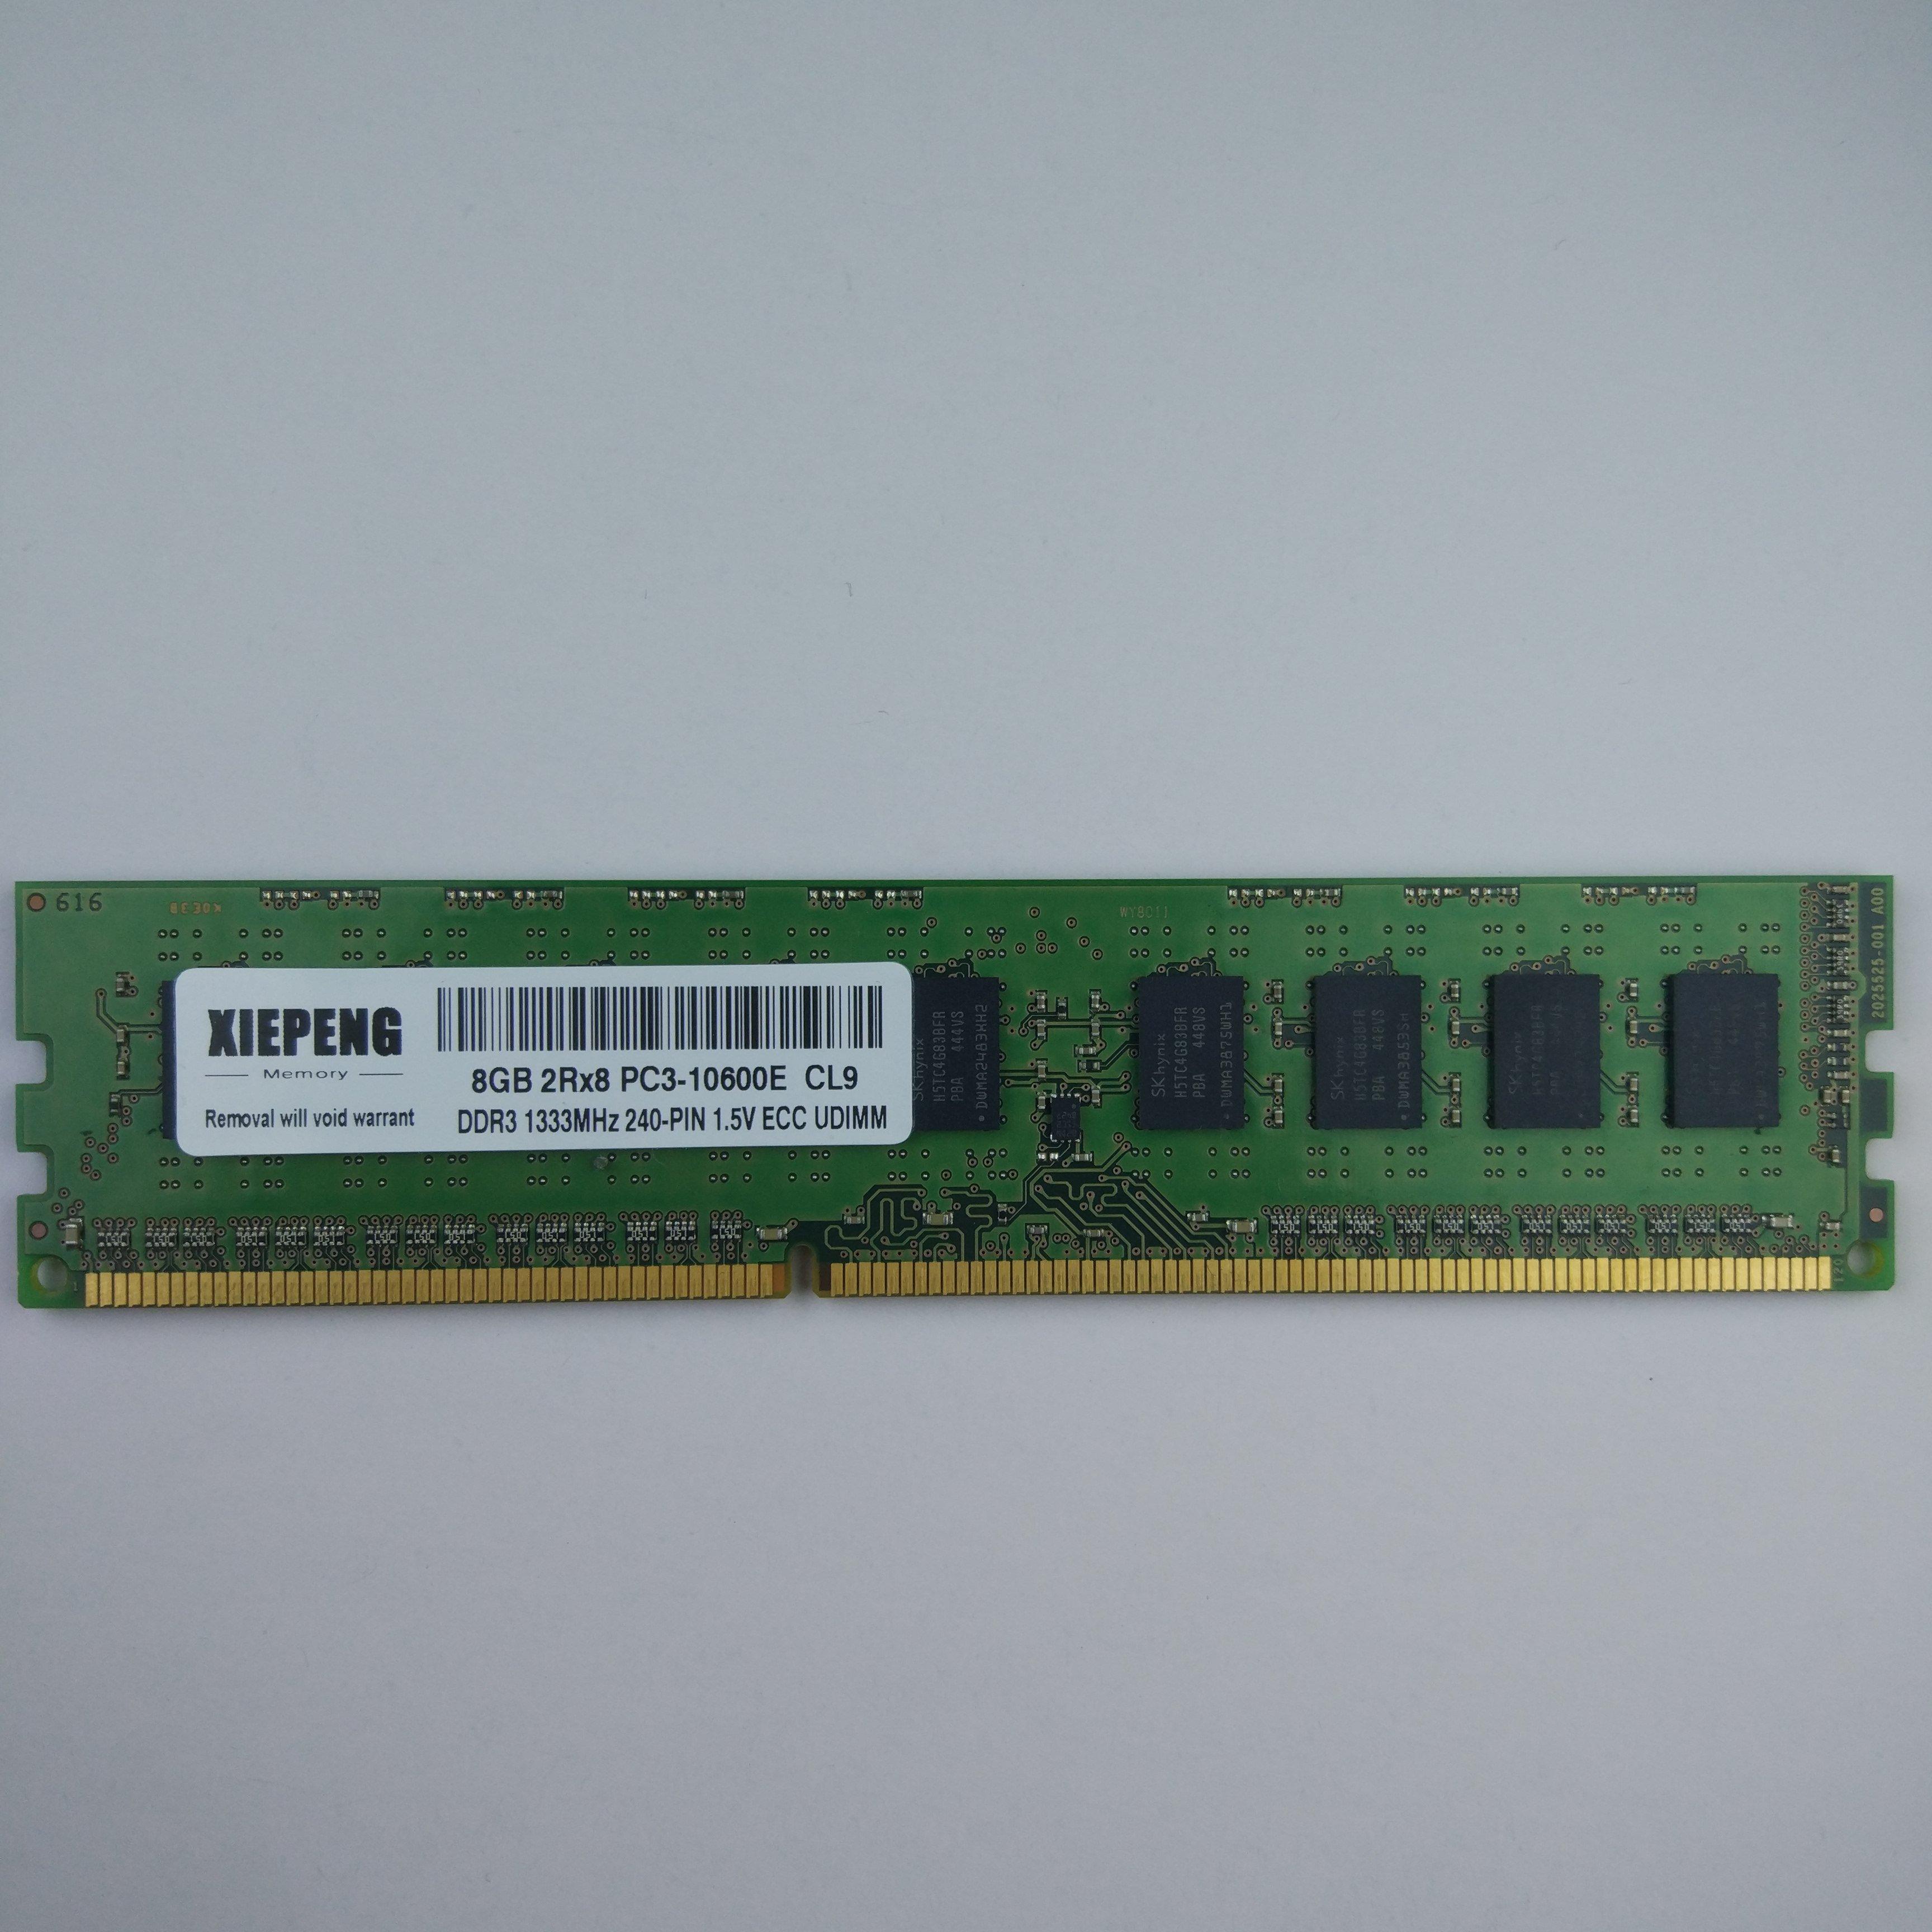 ل HP بروليانت ML310e Gen8 ML110 G7 ML10 DL120 G7 الخادم 8GB DDR3 1333MHz ECC RAM 4GB 2Rx8 PC3 10600E غير مصقول ECC الذاكرة ذاكرات RAM  - AliExpress